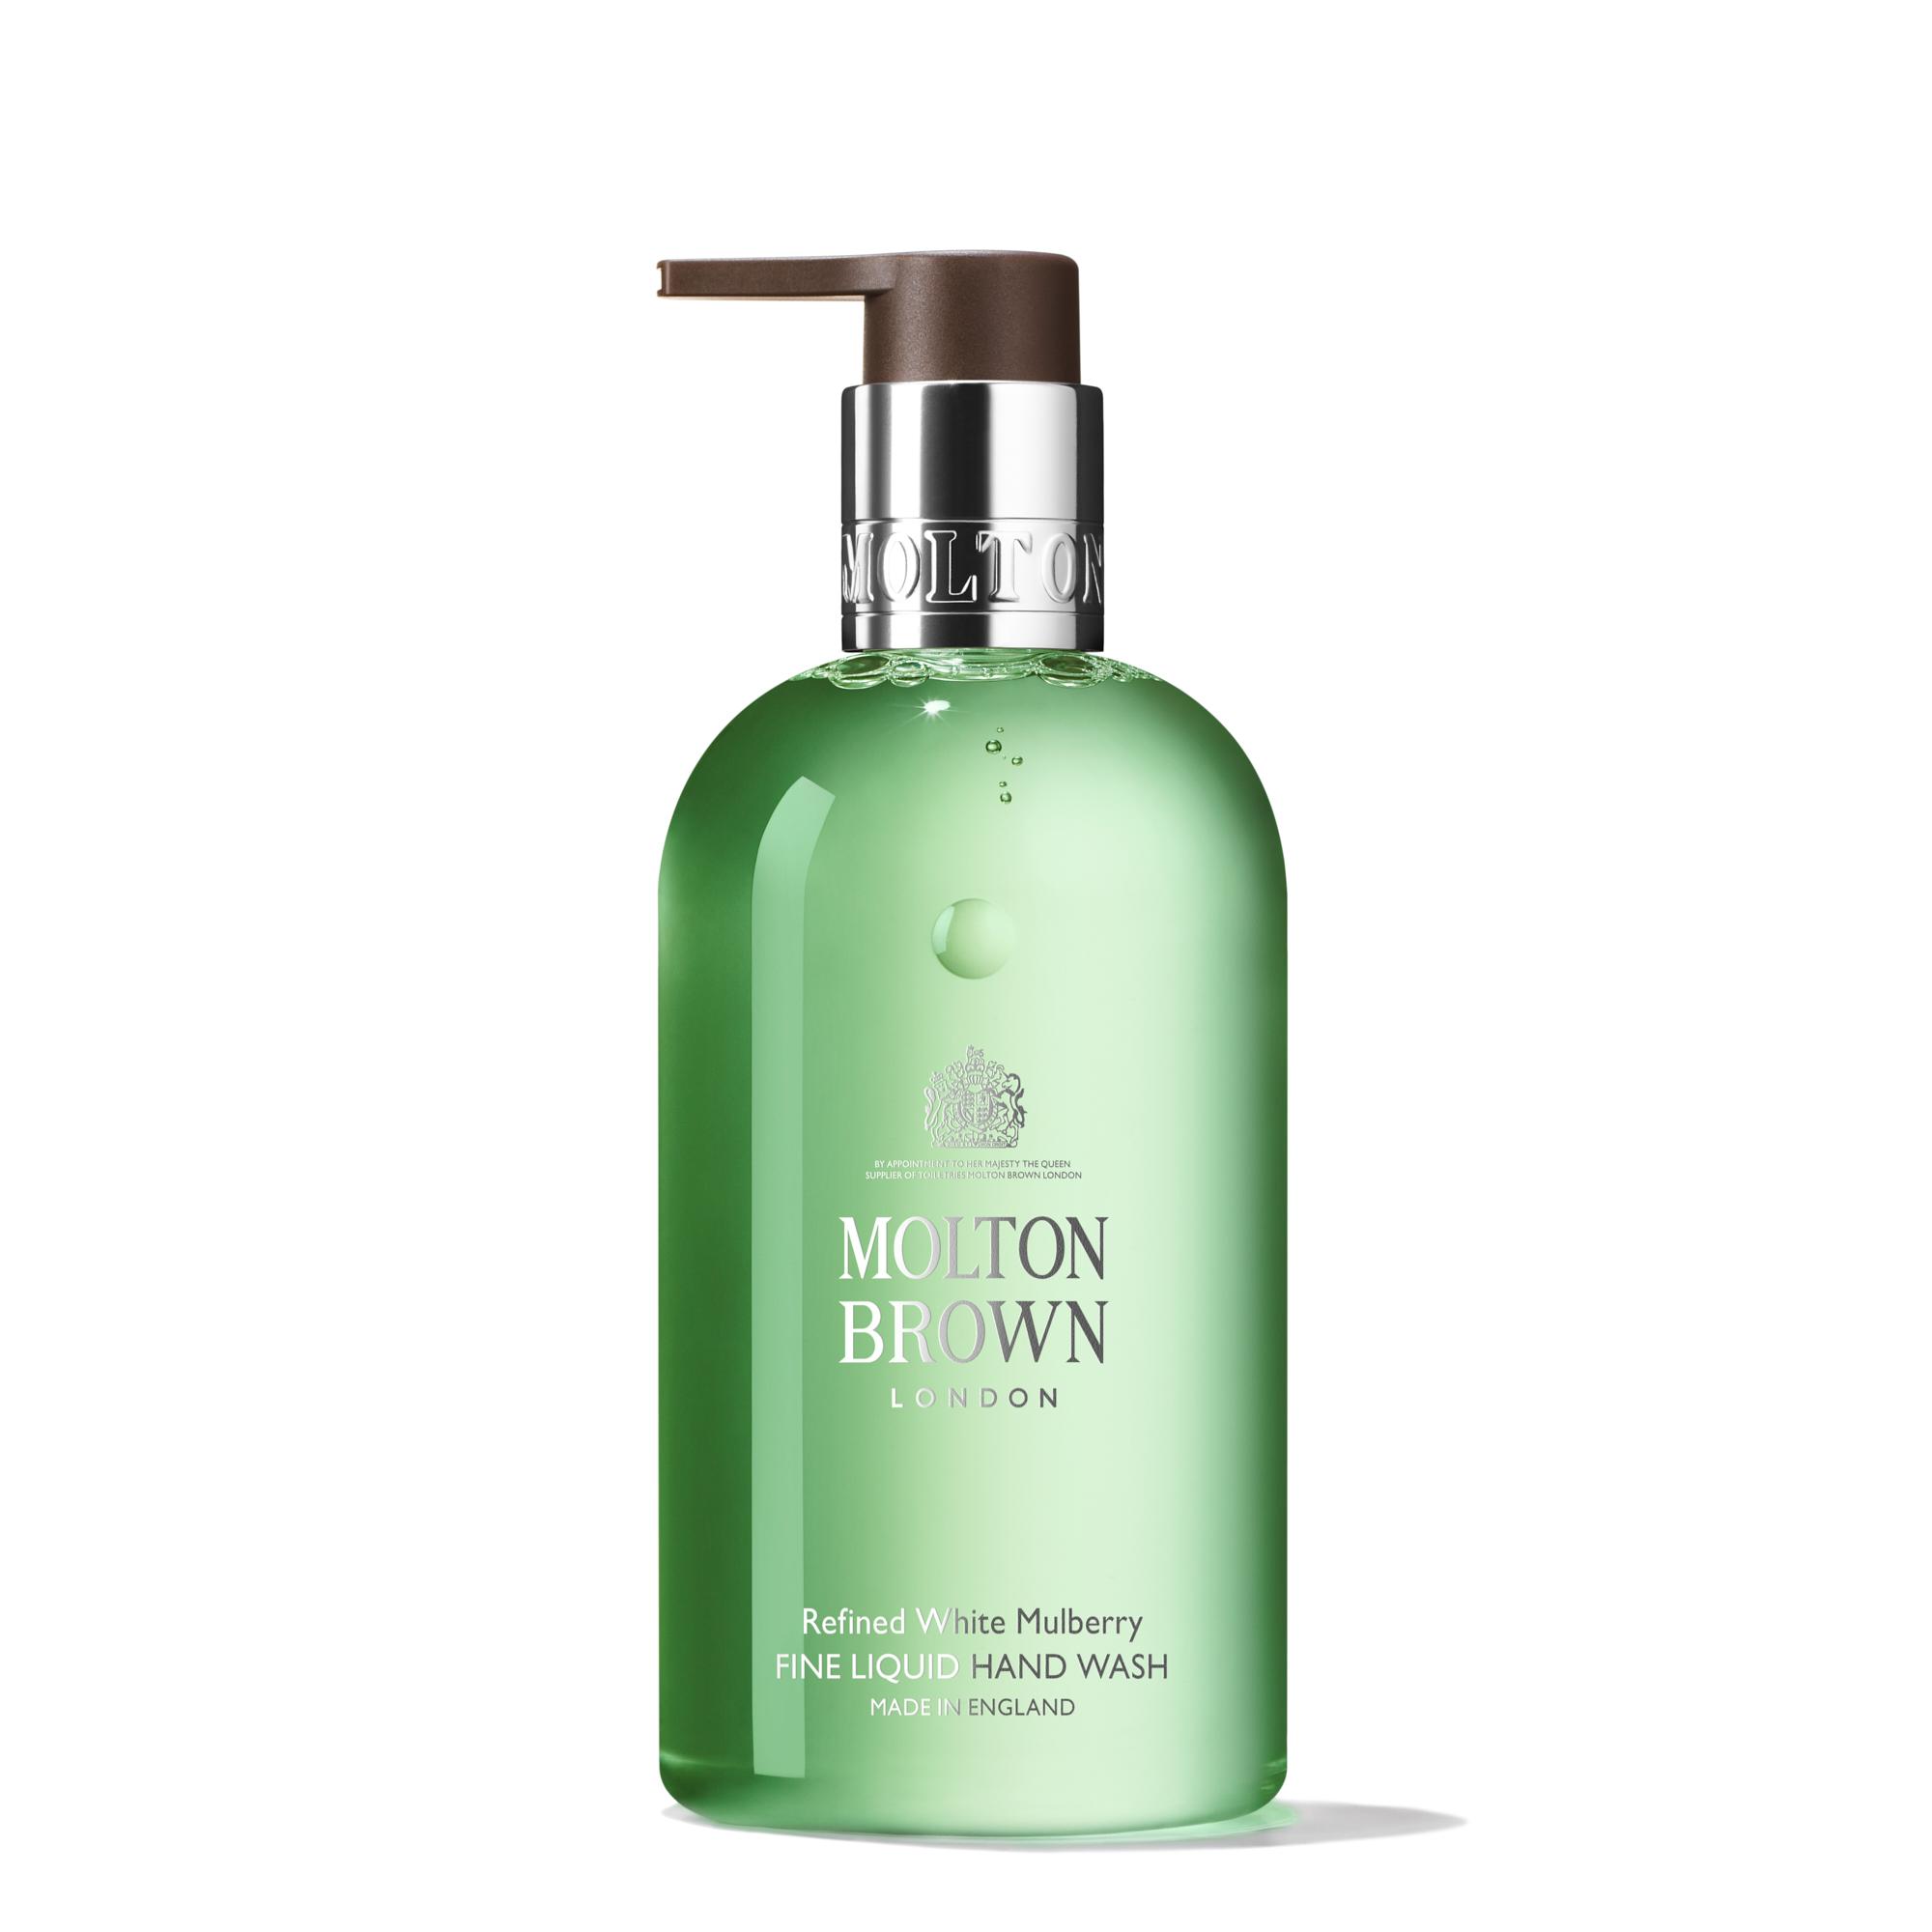 Molton Brown Refined White Mulberry Fine Liquid Hand Wash (300ml, 5l)